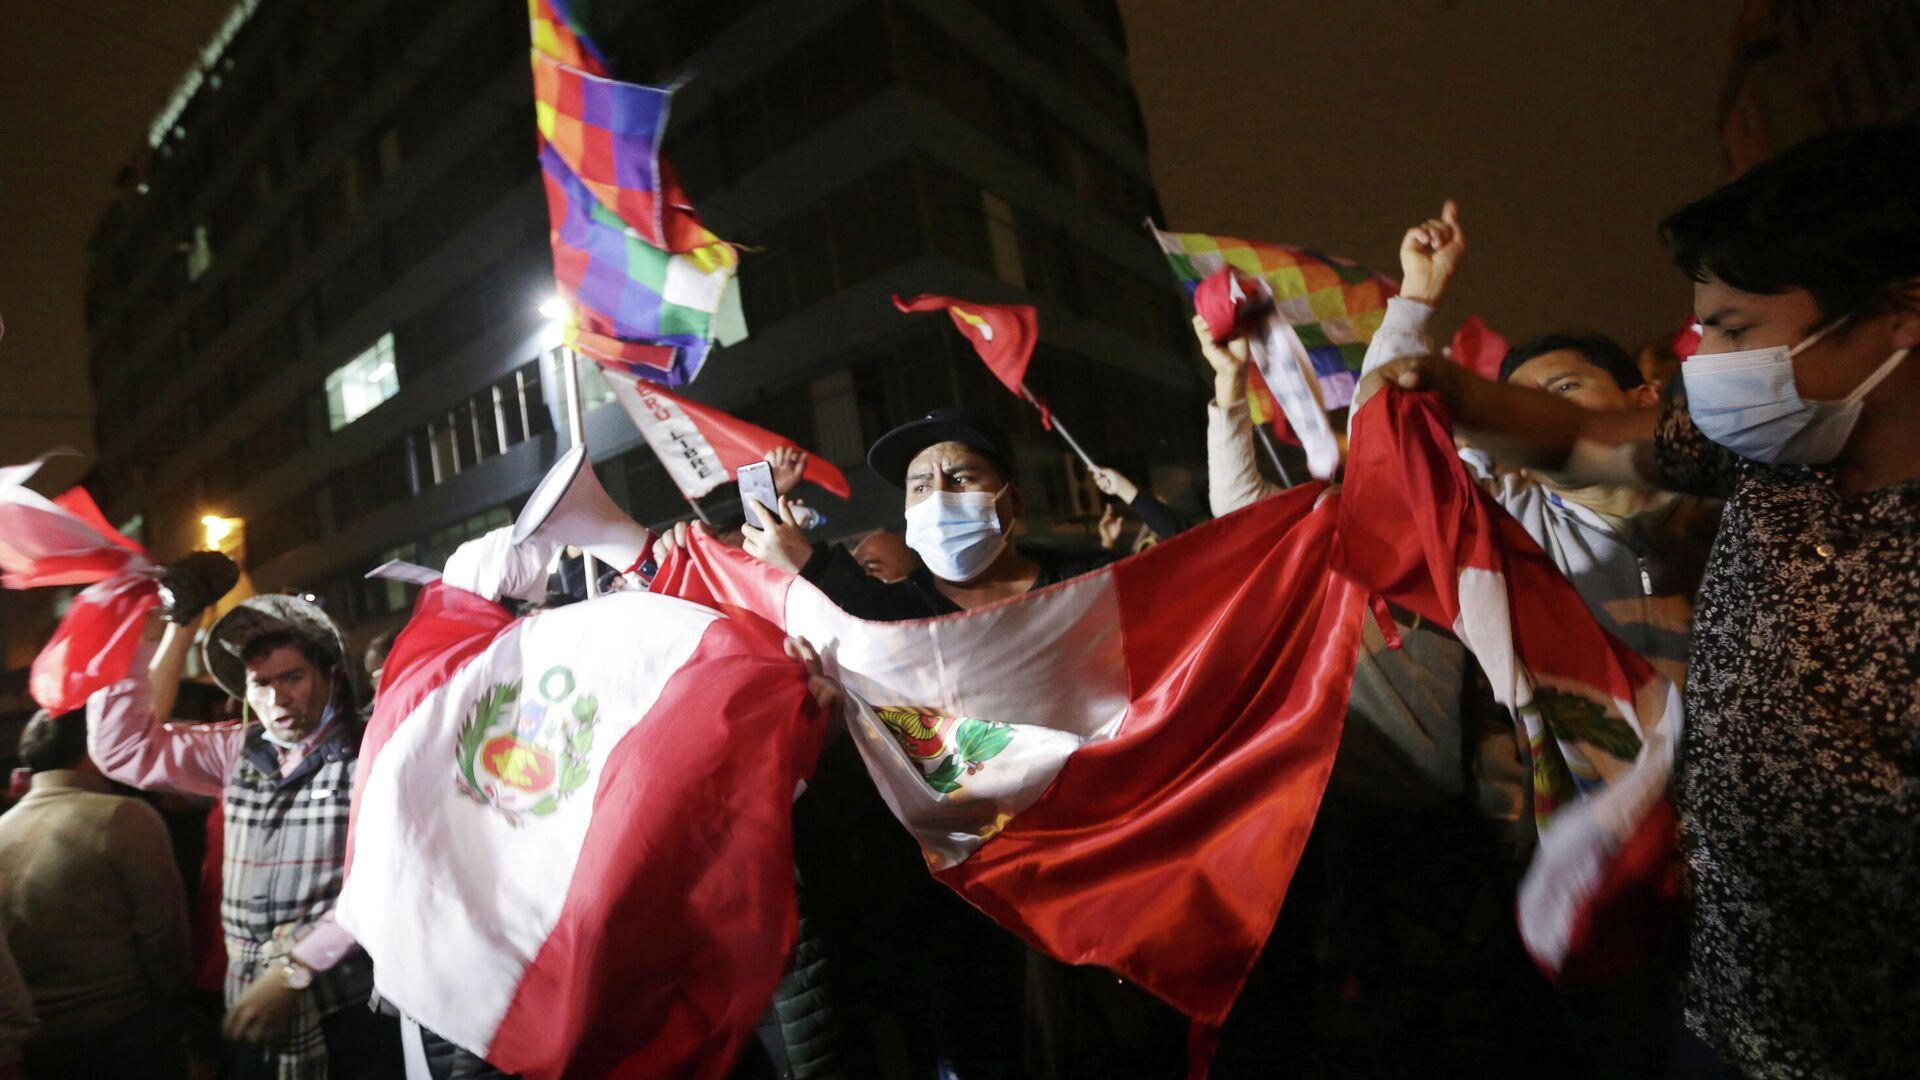 Partidarios del candidato presidencial peruano Pedro Castillo - Sputnik Mundo, 1920, 11.06.2021